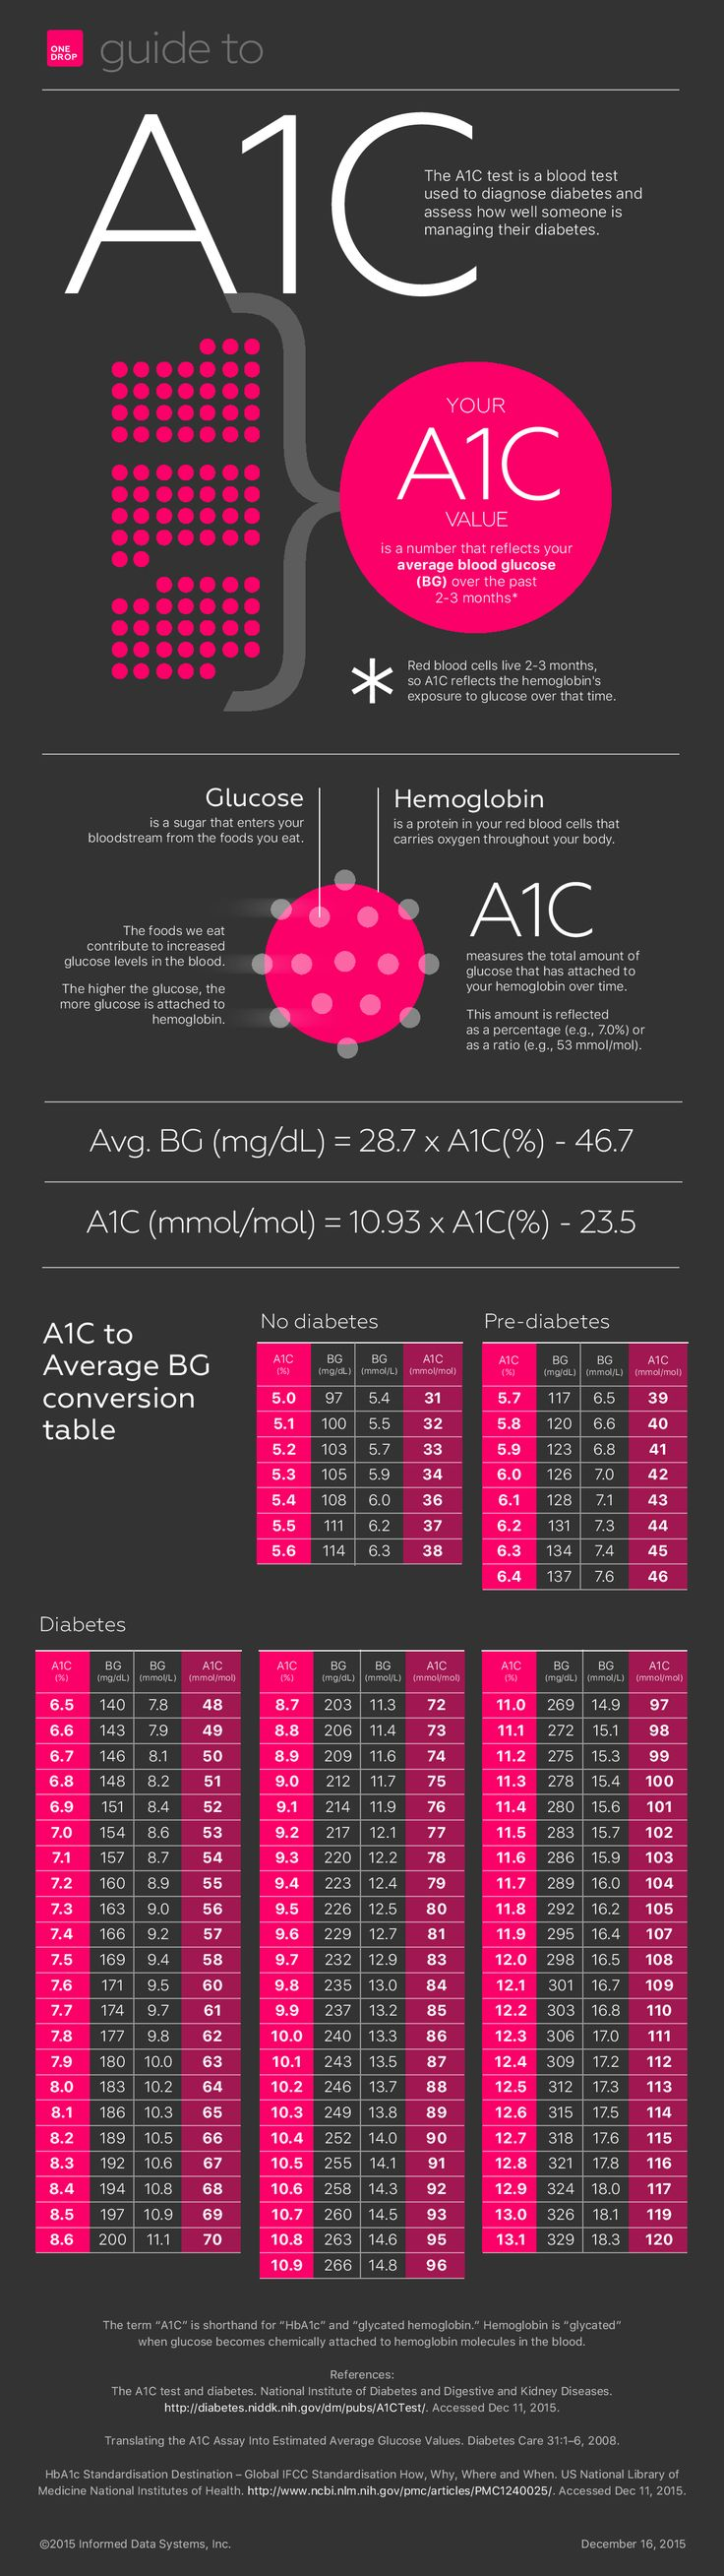 A1C & diabetes infographic